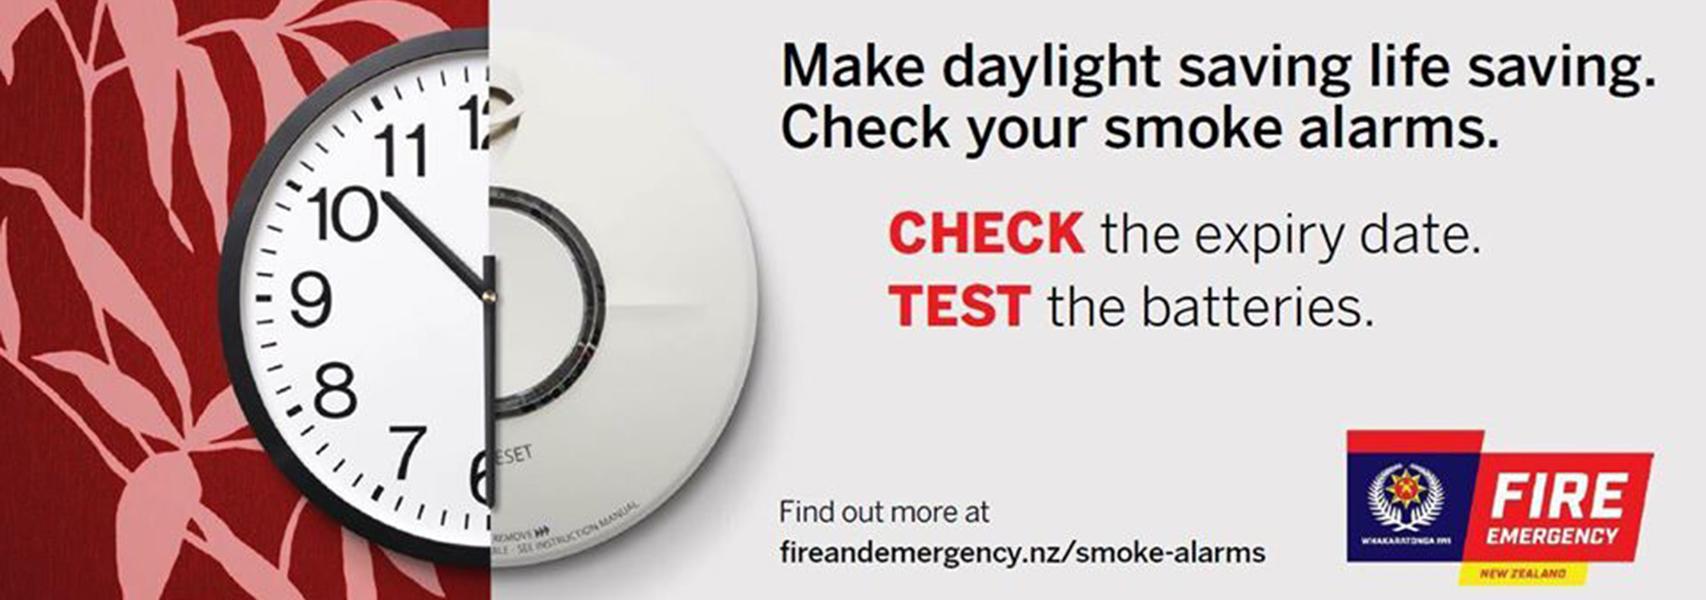 Daylight savings - check smoke alarm